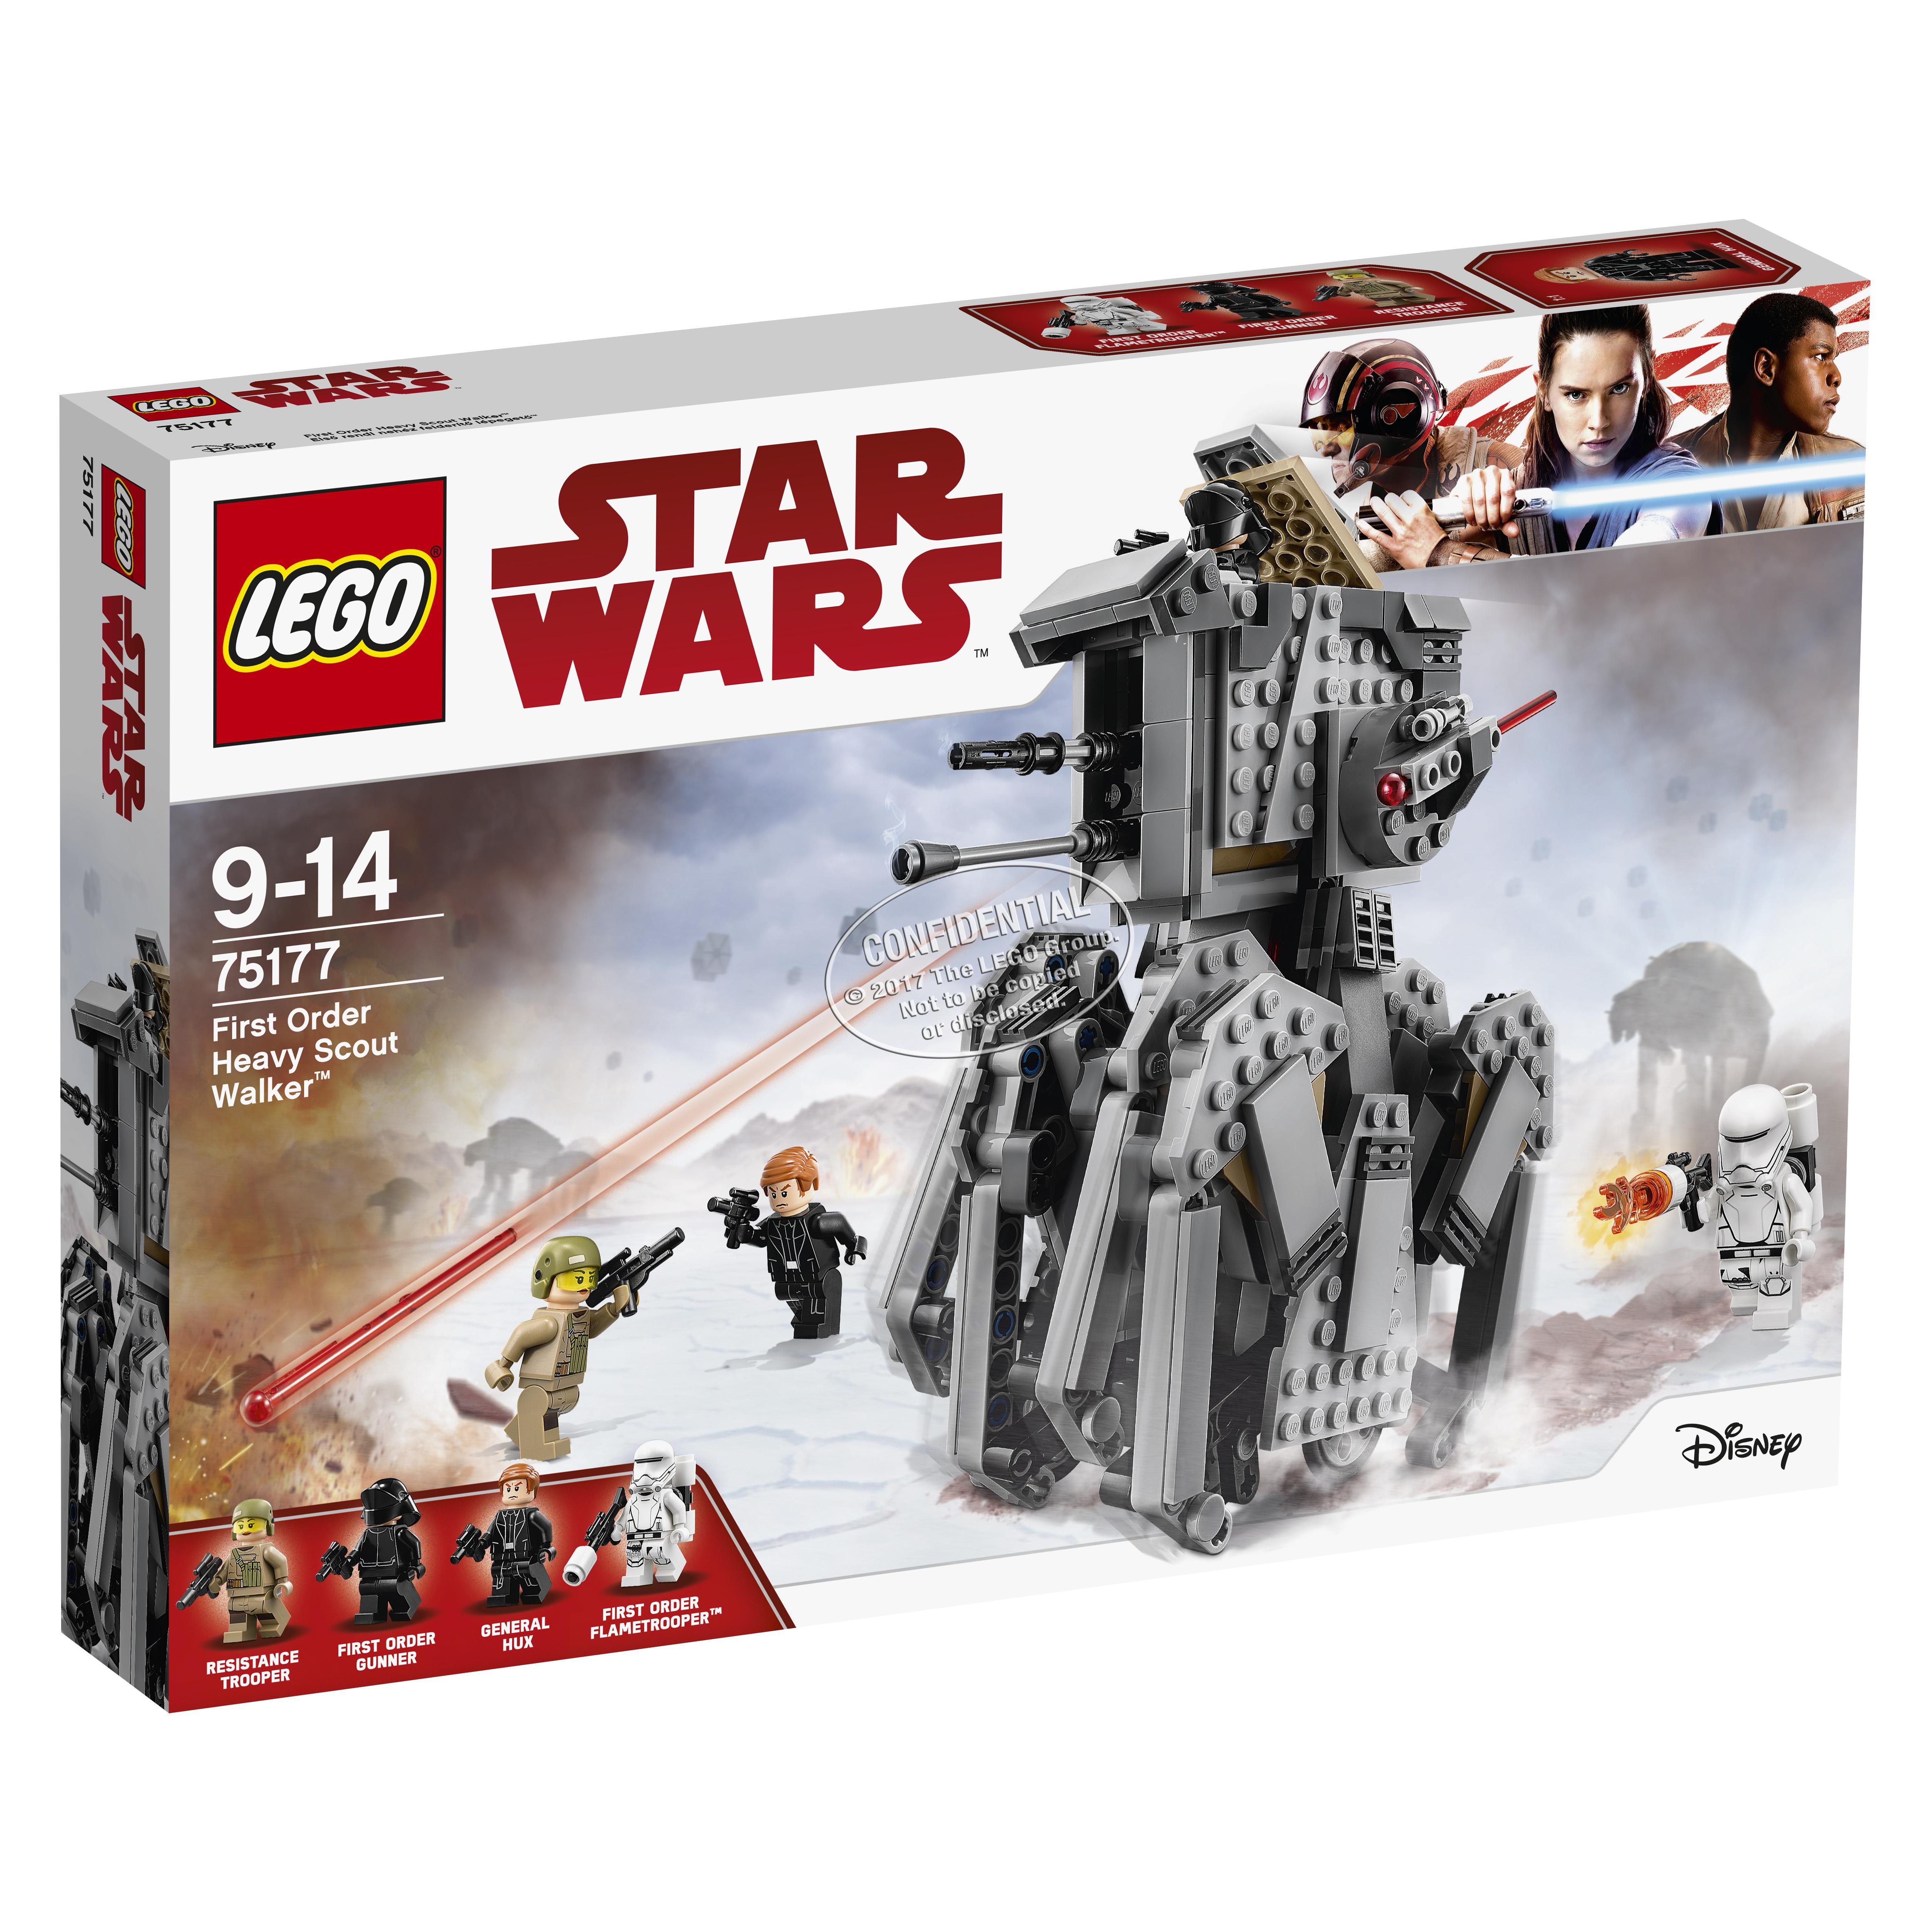 Конструктор LEGO Star Wars 75177 First Order Heavy Scout WalkerОтправляйся на поиски бойцов Сопротивления в тяжёлом разведывательном шагоходе Первого Ордена. Посади генерала Хакса в кабину и отдавай приказы штурмовику-огнемётчику. Управляй шагающим роботом и посмотри, как его ноги начнут двигаться! Когда заметишь врага, наведи пушки и приготовься стрелять!<br>